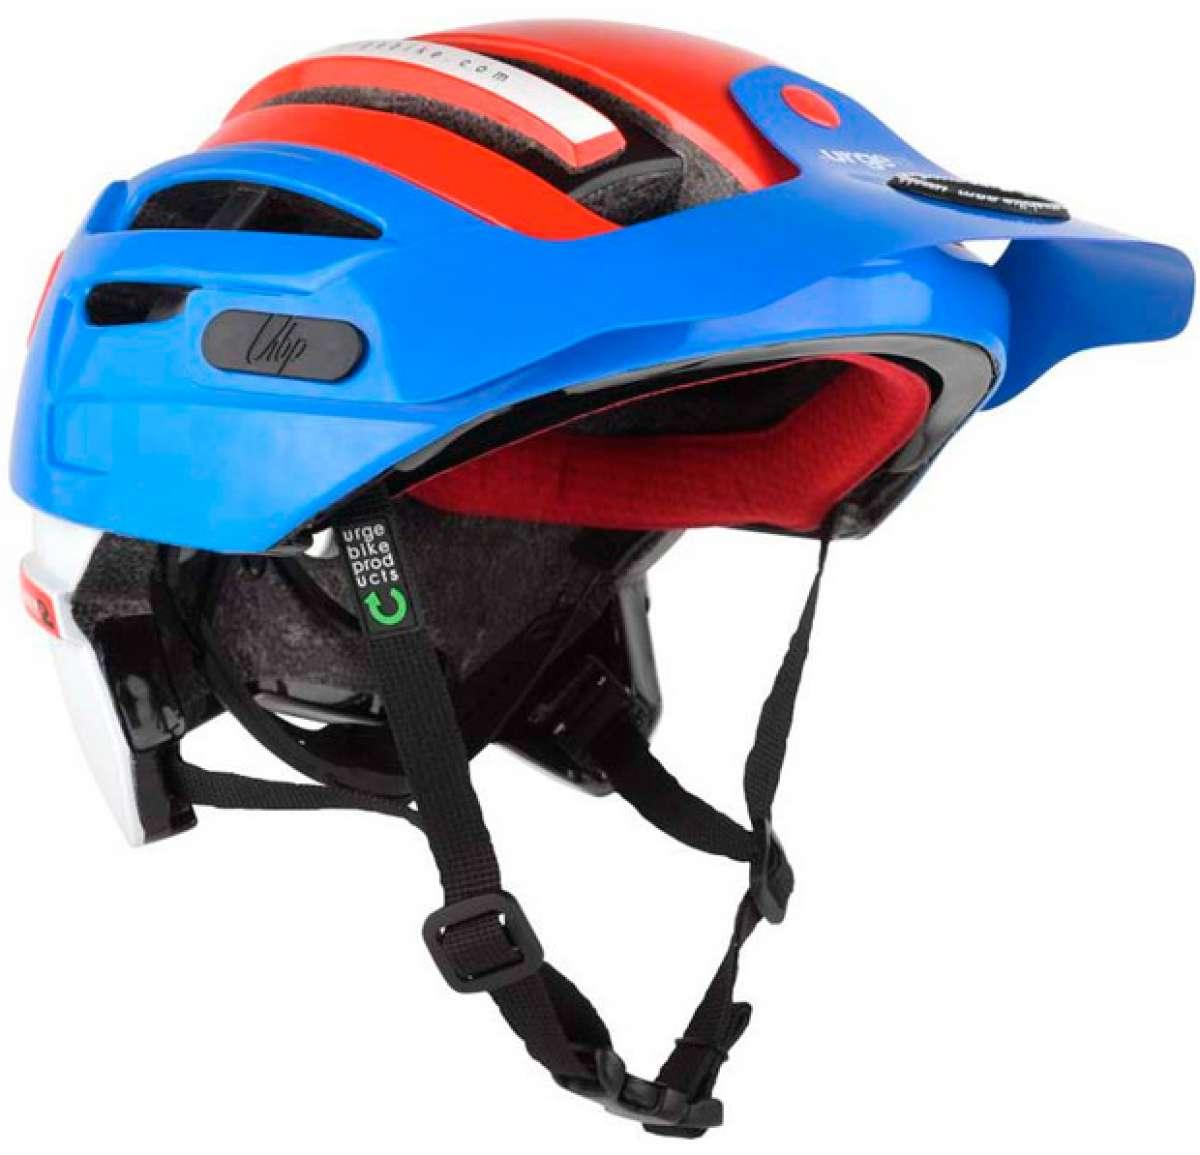 Urge Endur-O-Matic 2, renovación total para un casco clásico del Enduro